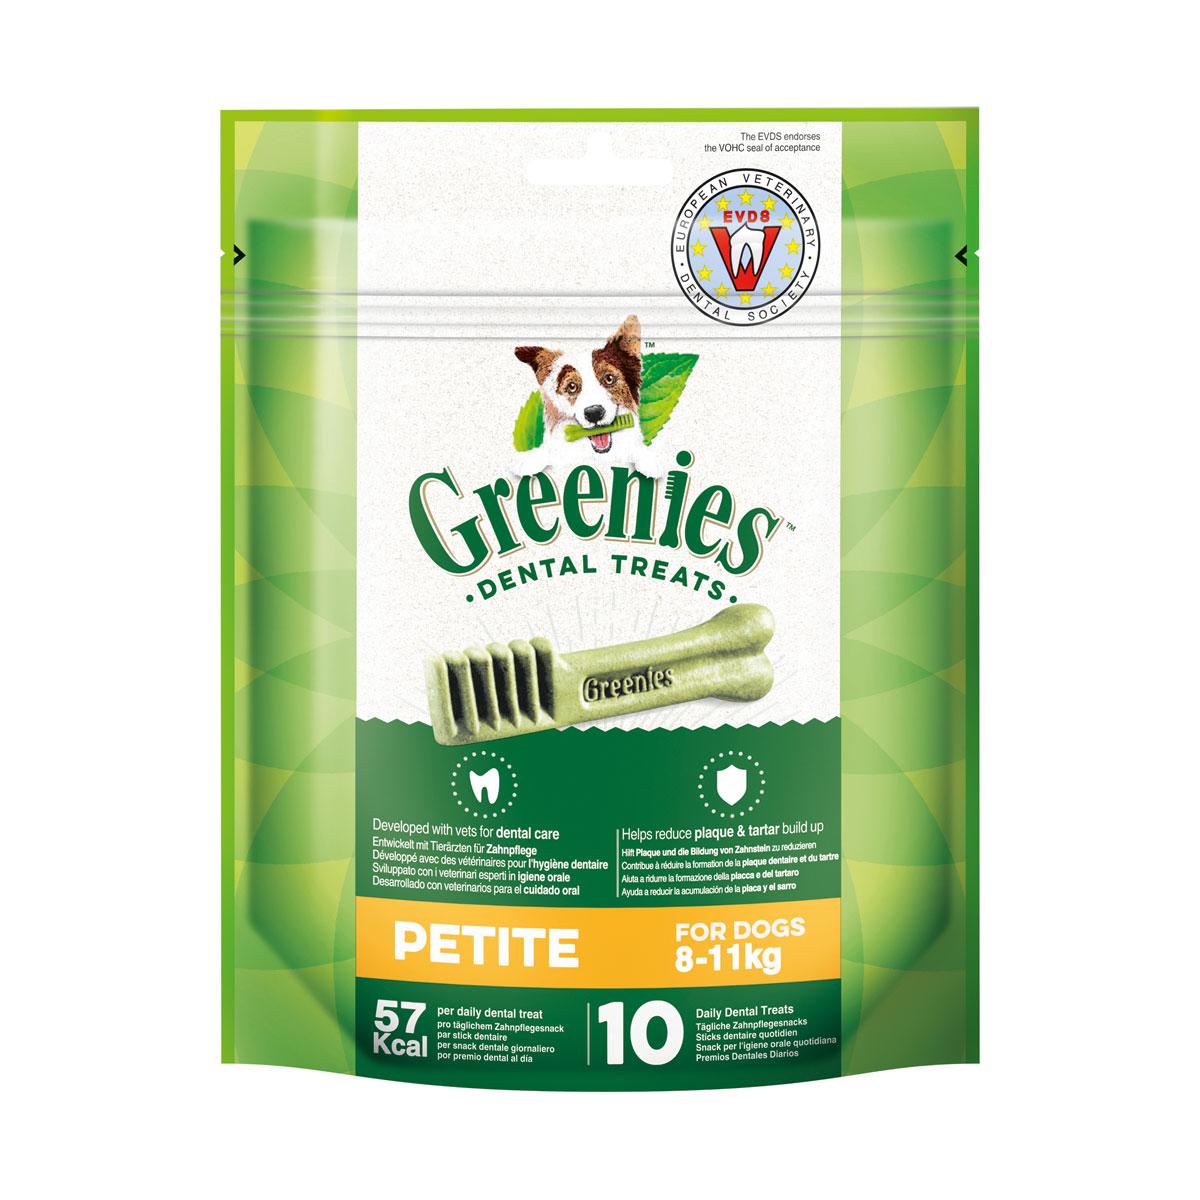 Greenies Petite Zahnpflegesnacks für Hunde von 8-11kg 170g